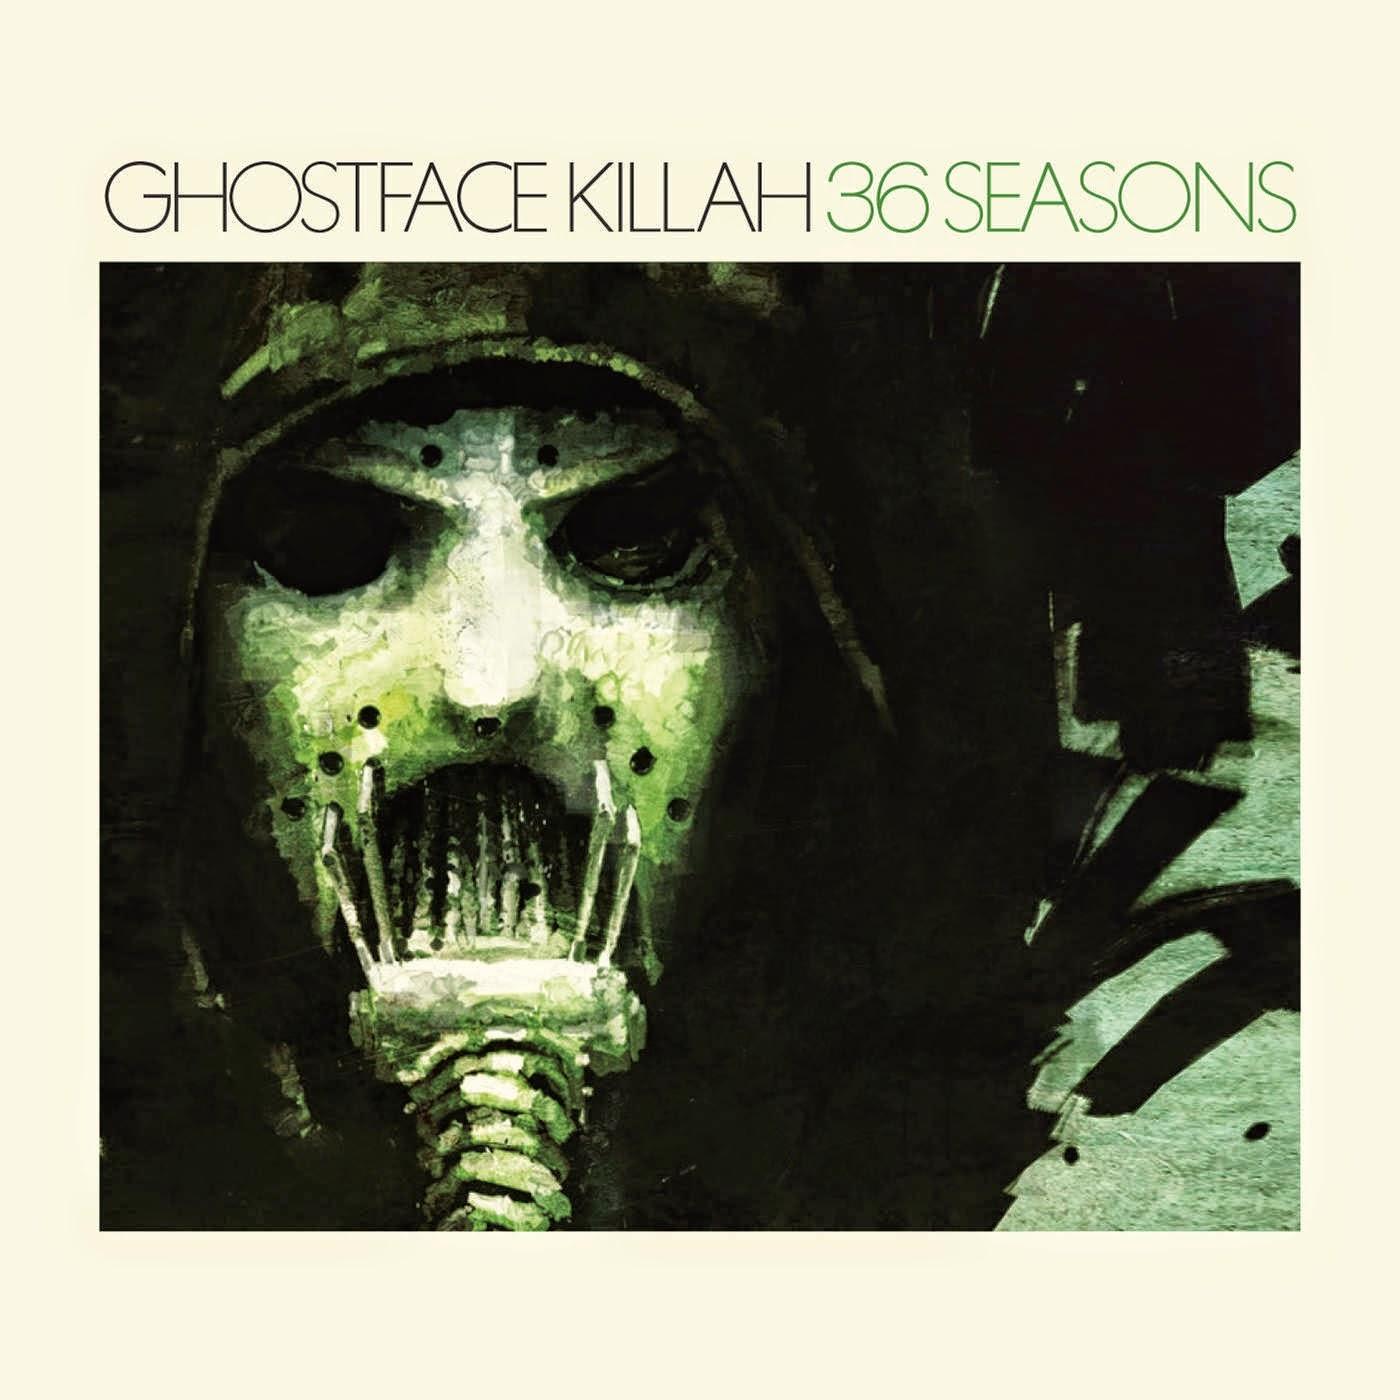 Ghostface Killah - 36 Seasons Cover